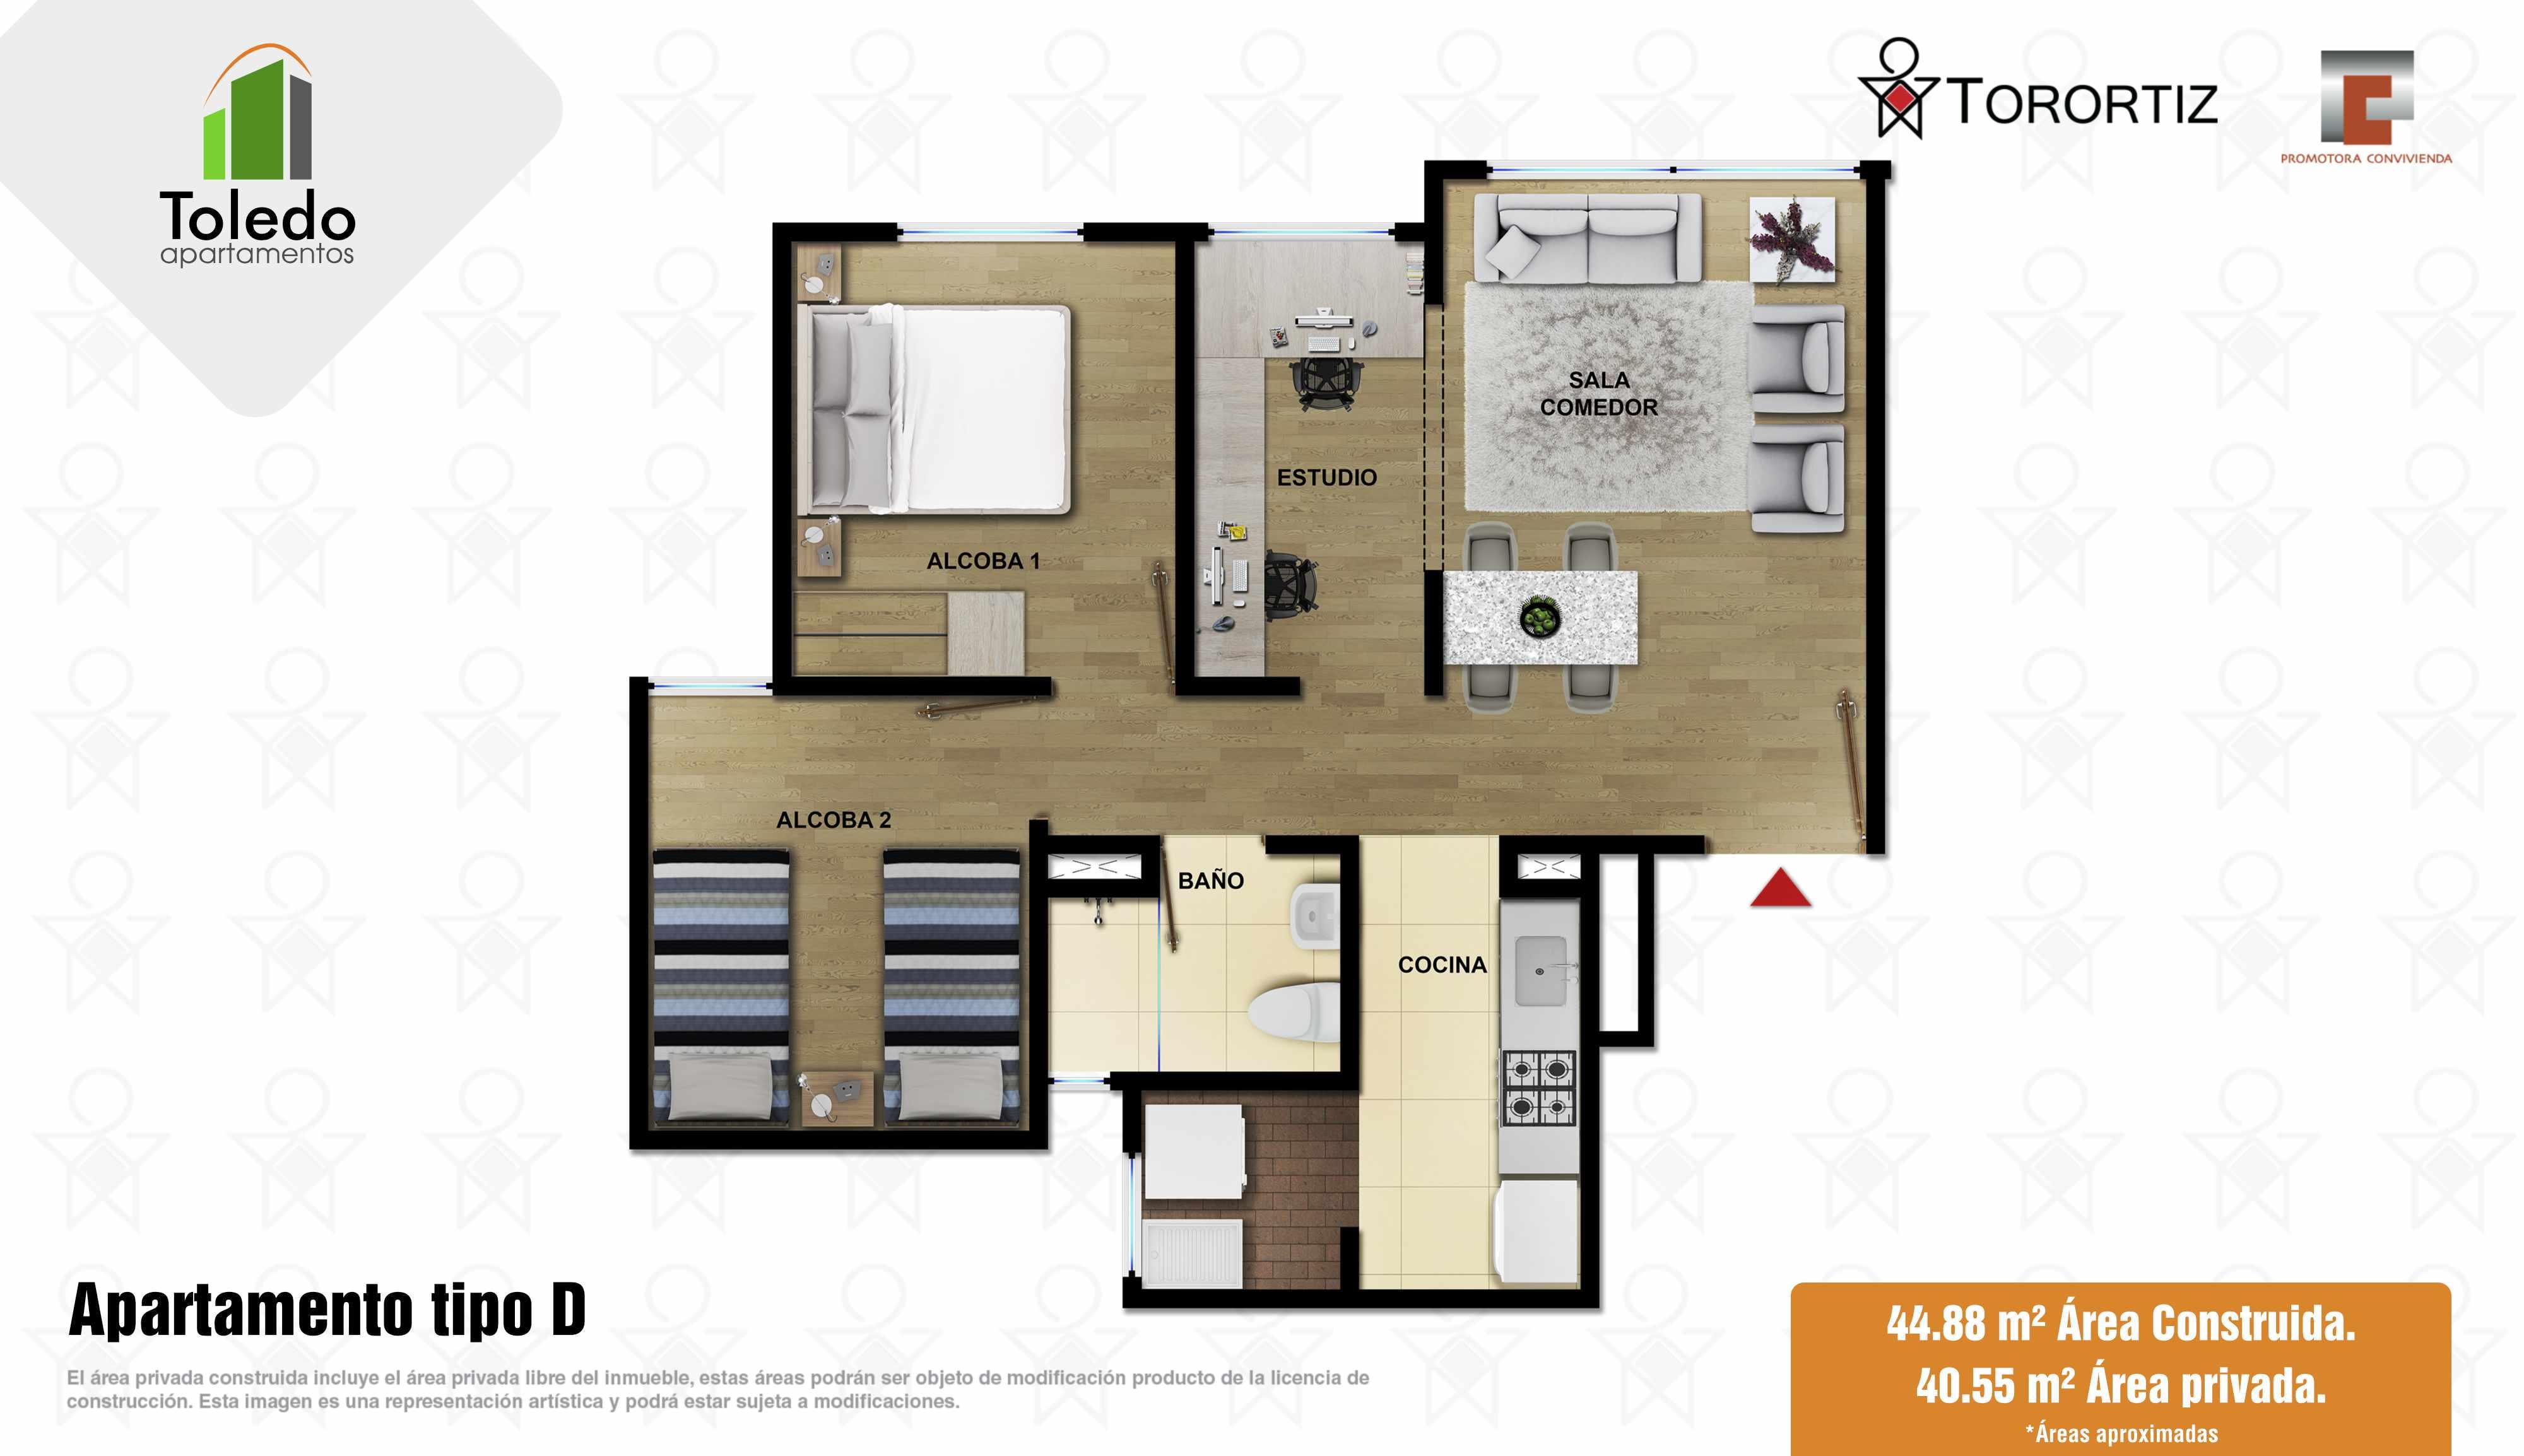 Toledo Apartamentos VIS Vivienda de Interes Social Soacha subsidio hogares huerto Amarilo Avenida via indumil